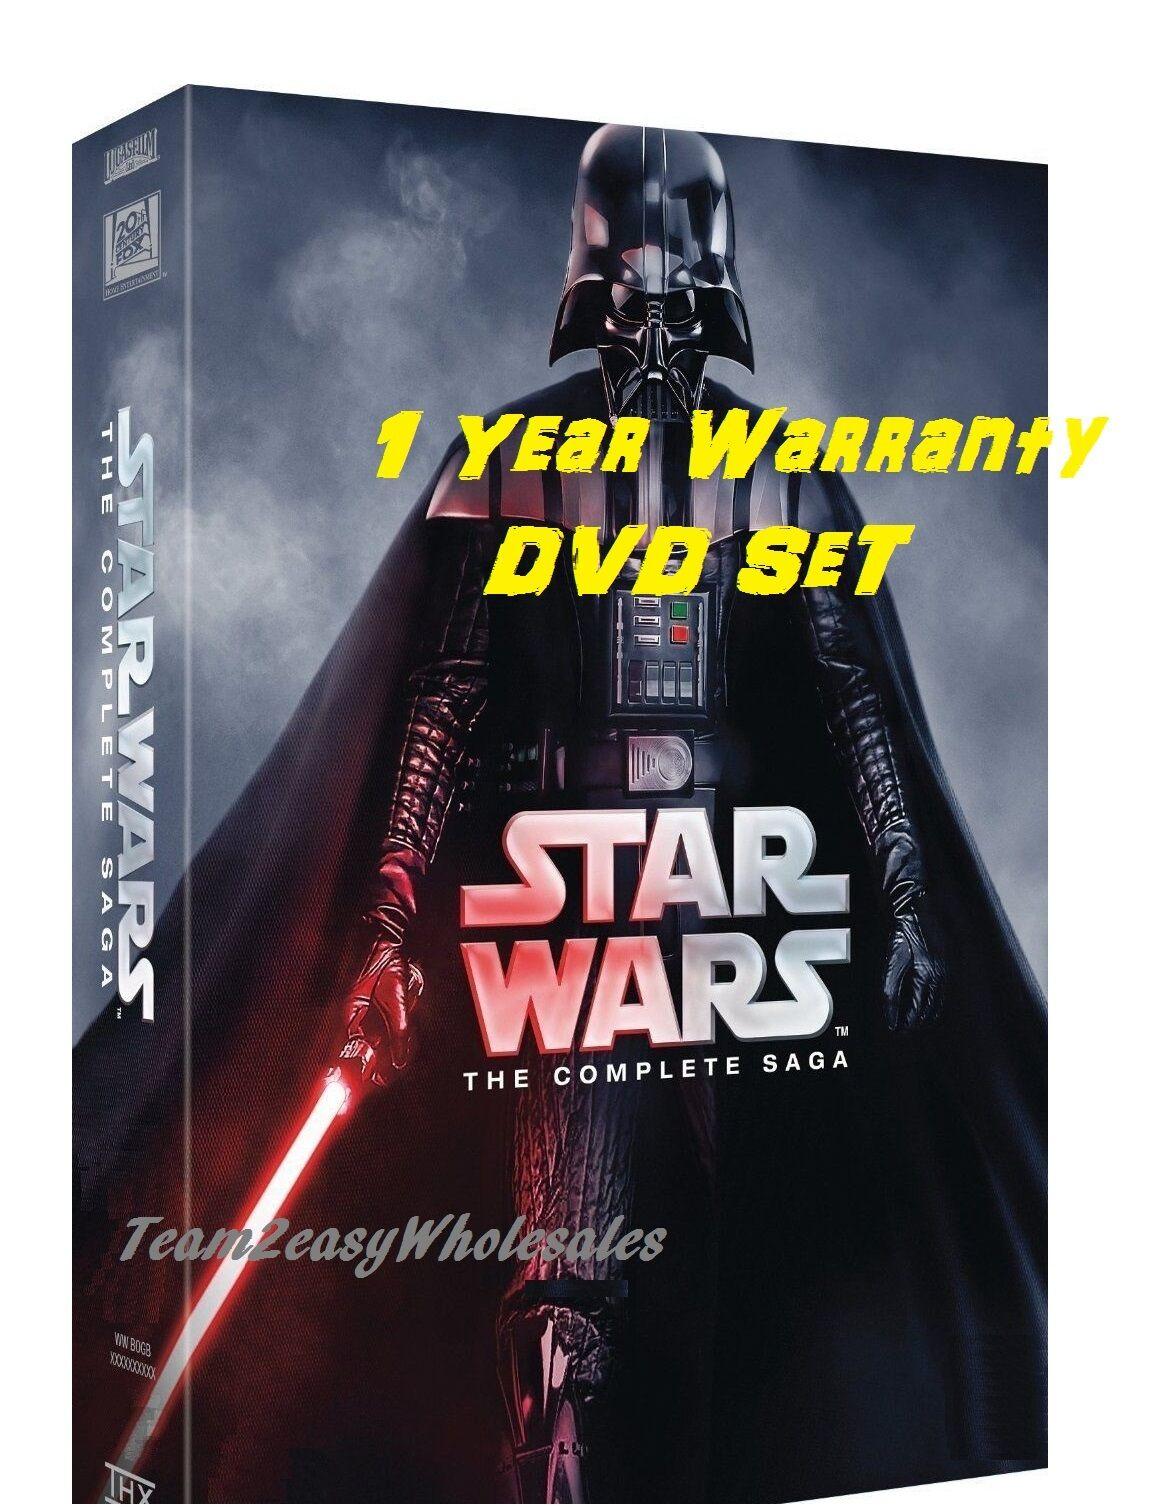 NEW Star Wars: The Complete Saga DVD (I,II,III,IV, V, VI, 12-Disc Box Set 1-6)